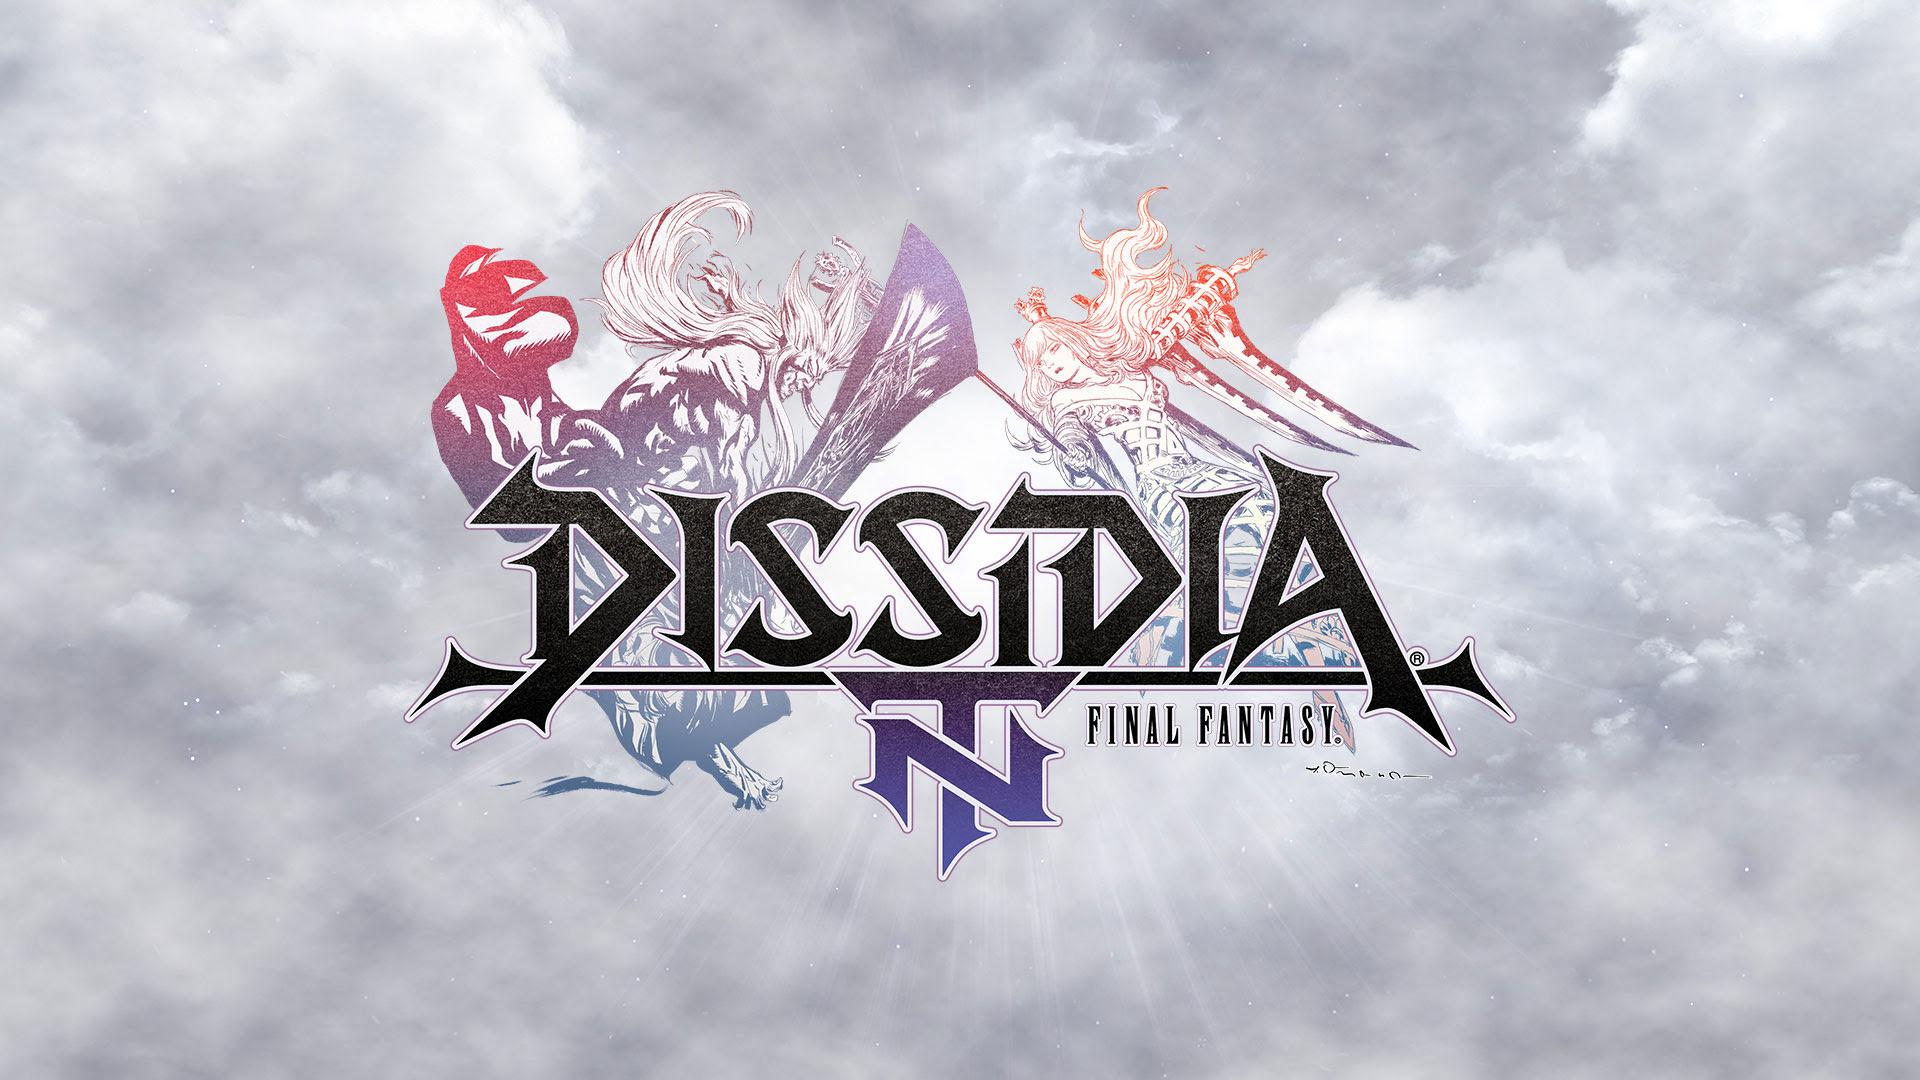 3rd Strike Com Dissidia Final Fantasy Nt Review